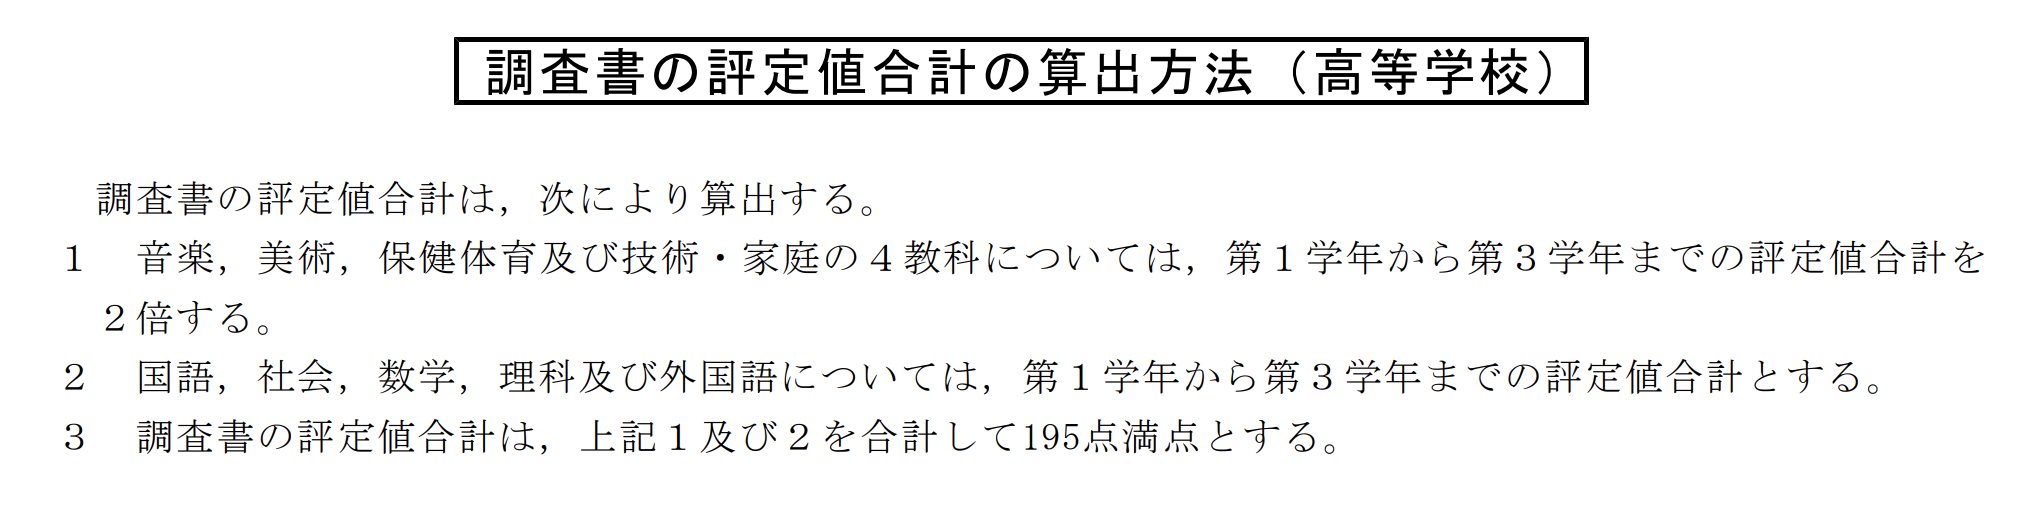 徳島県公立高校入試制度1